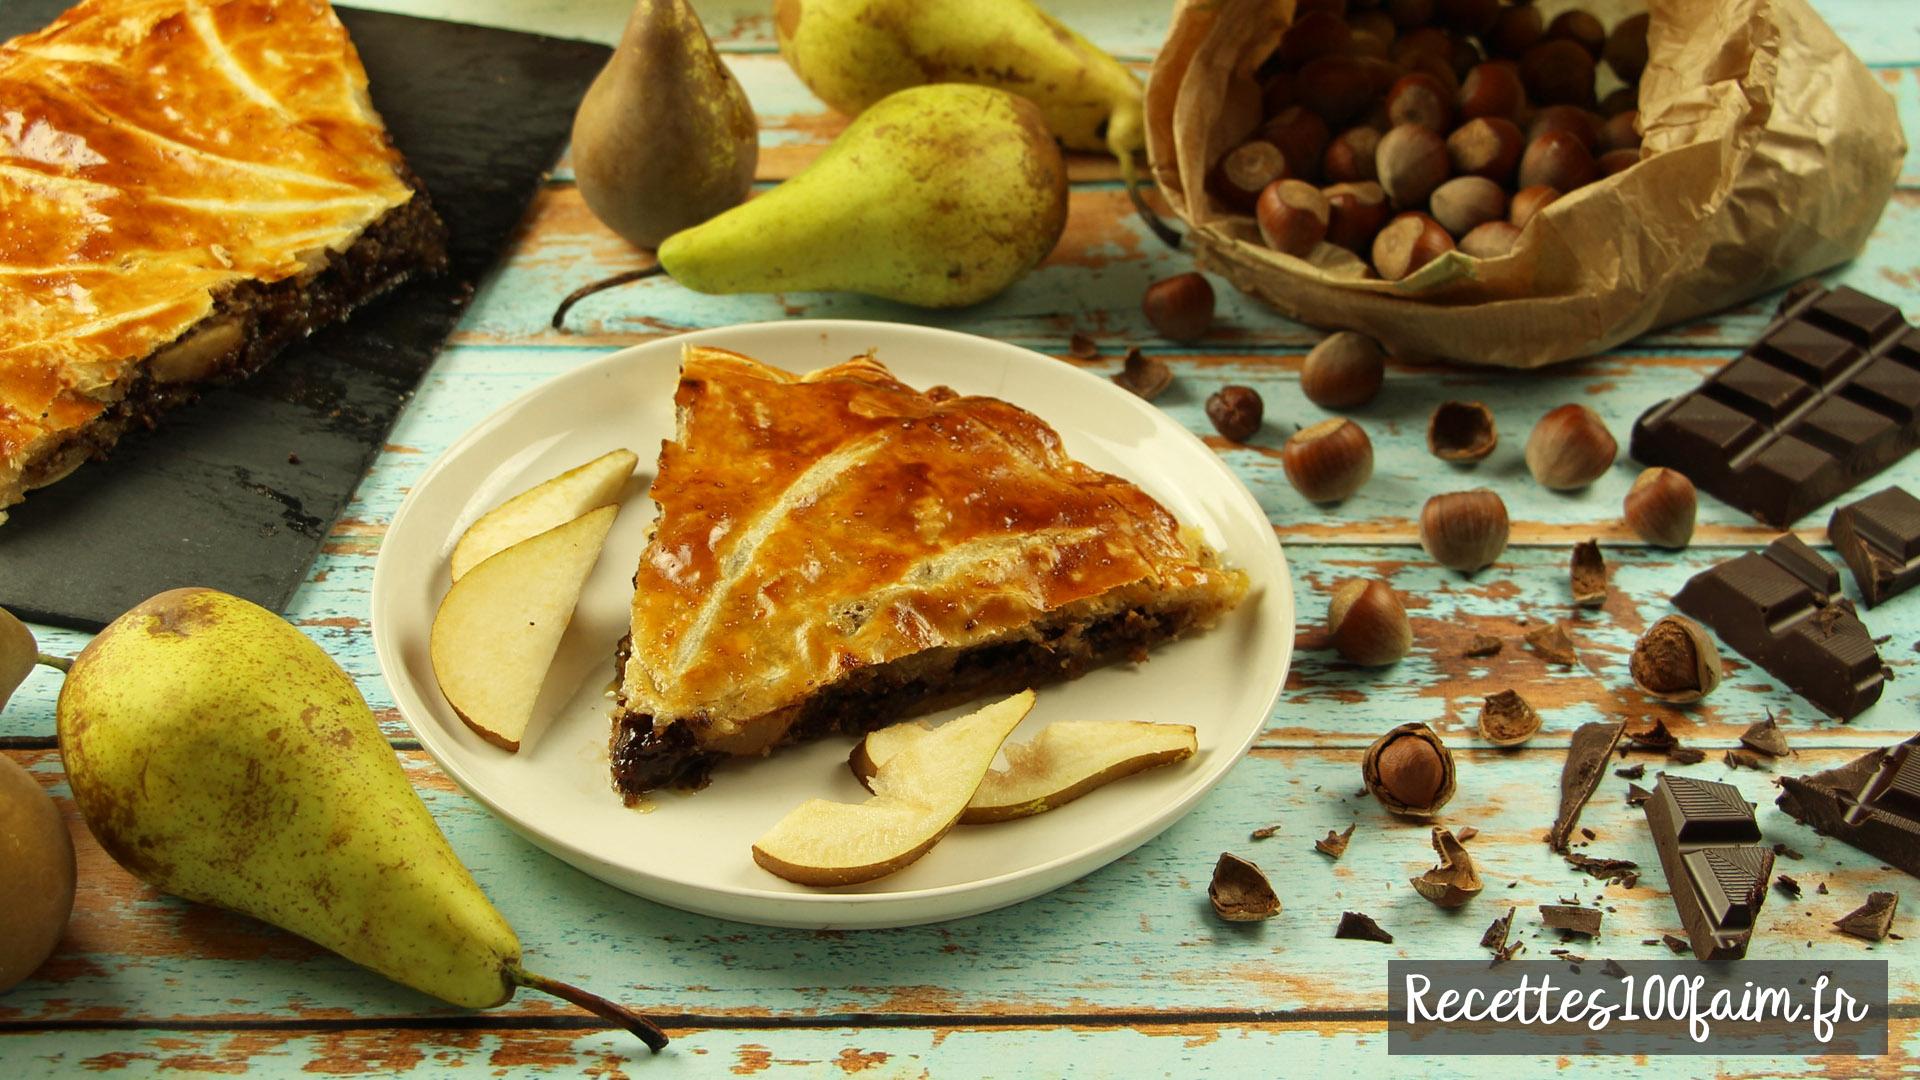 recette galette des rois poire chocolat noisette